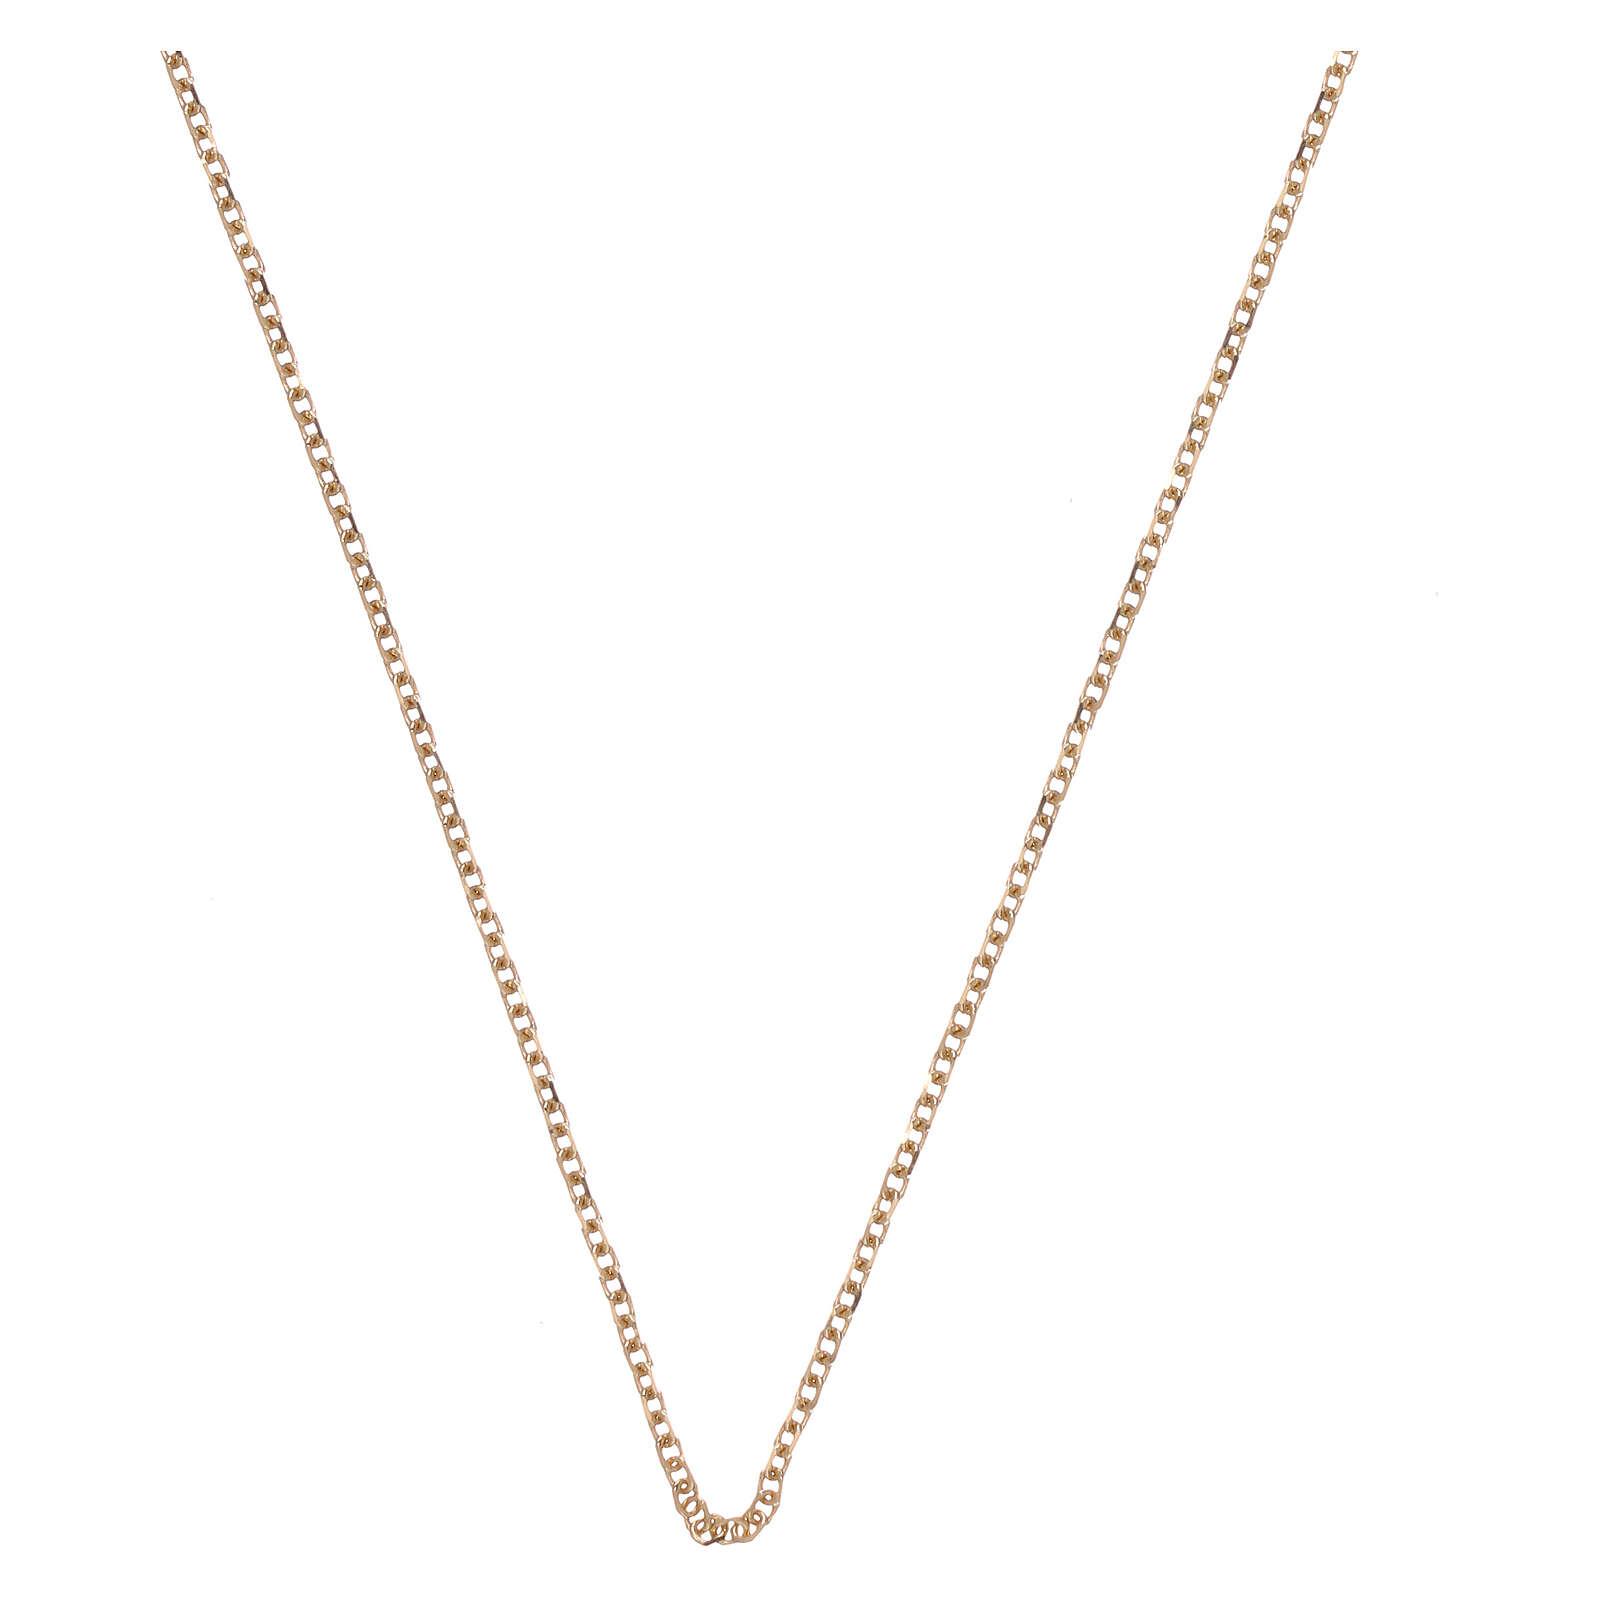 Cadena roló oro amarillo 18 k diamantada 42 cm más 3 cm 4